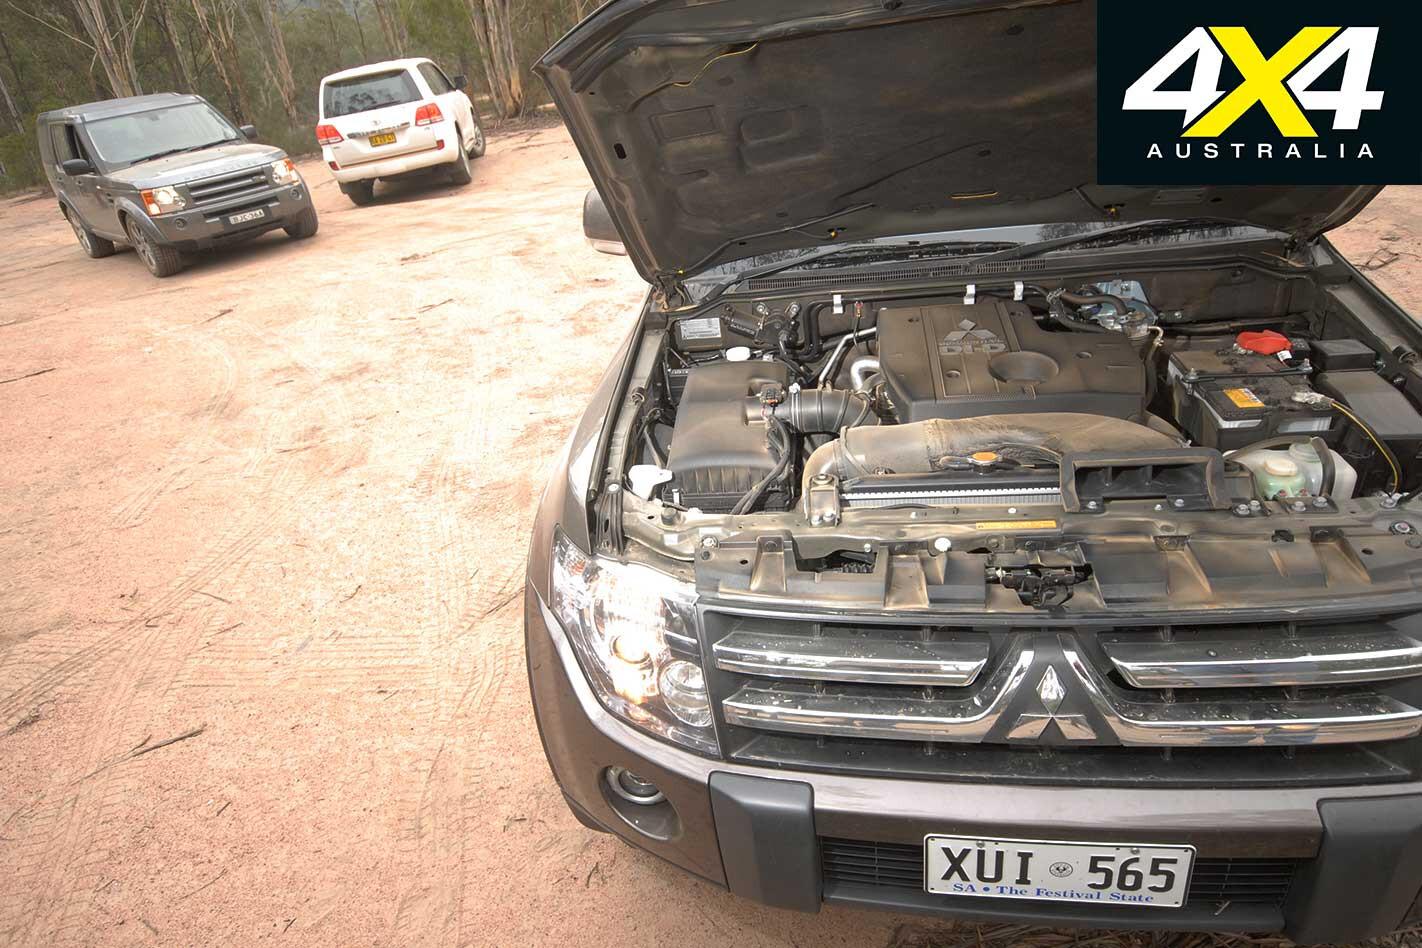 2009 Mitsubishi Pajero Engine Jpg